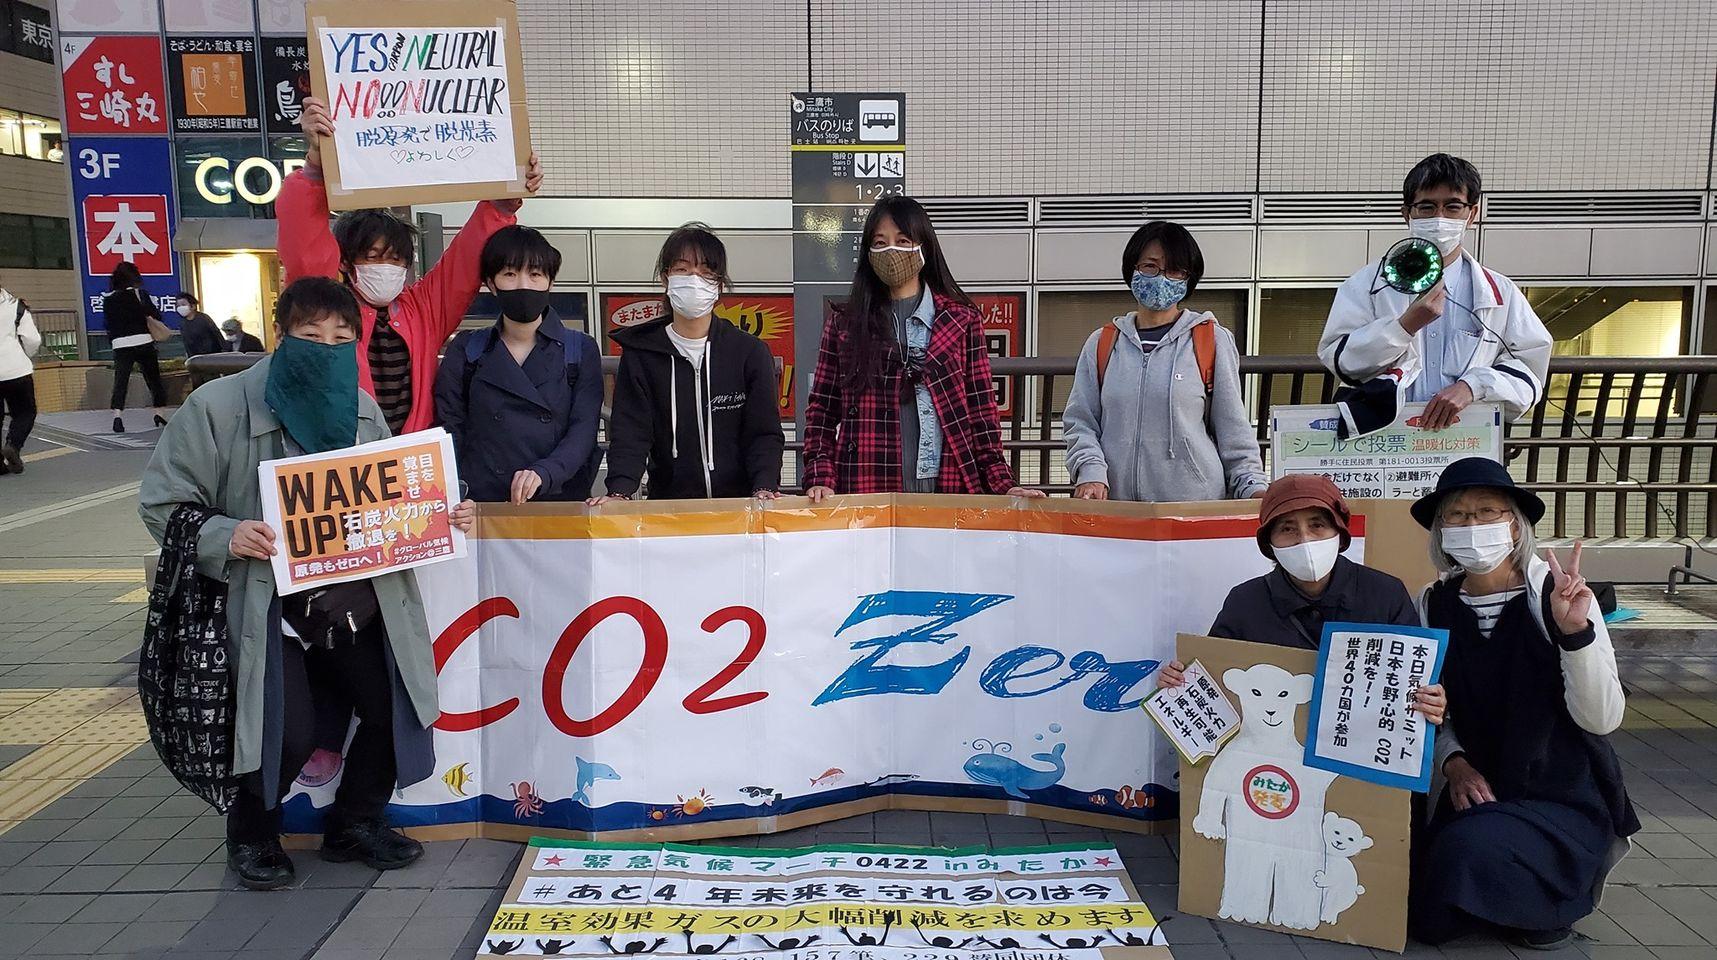 4月22日緊急気候マーチinみたかを実施しました。